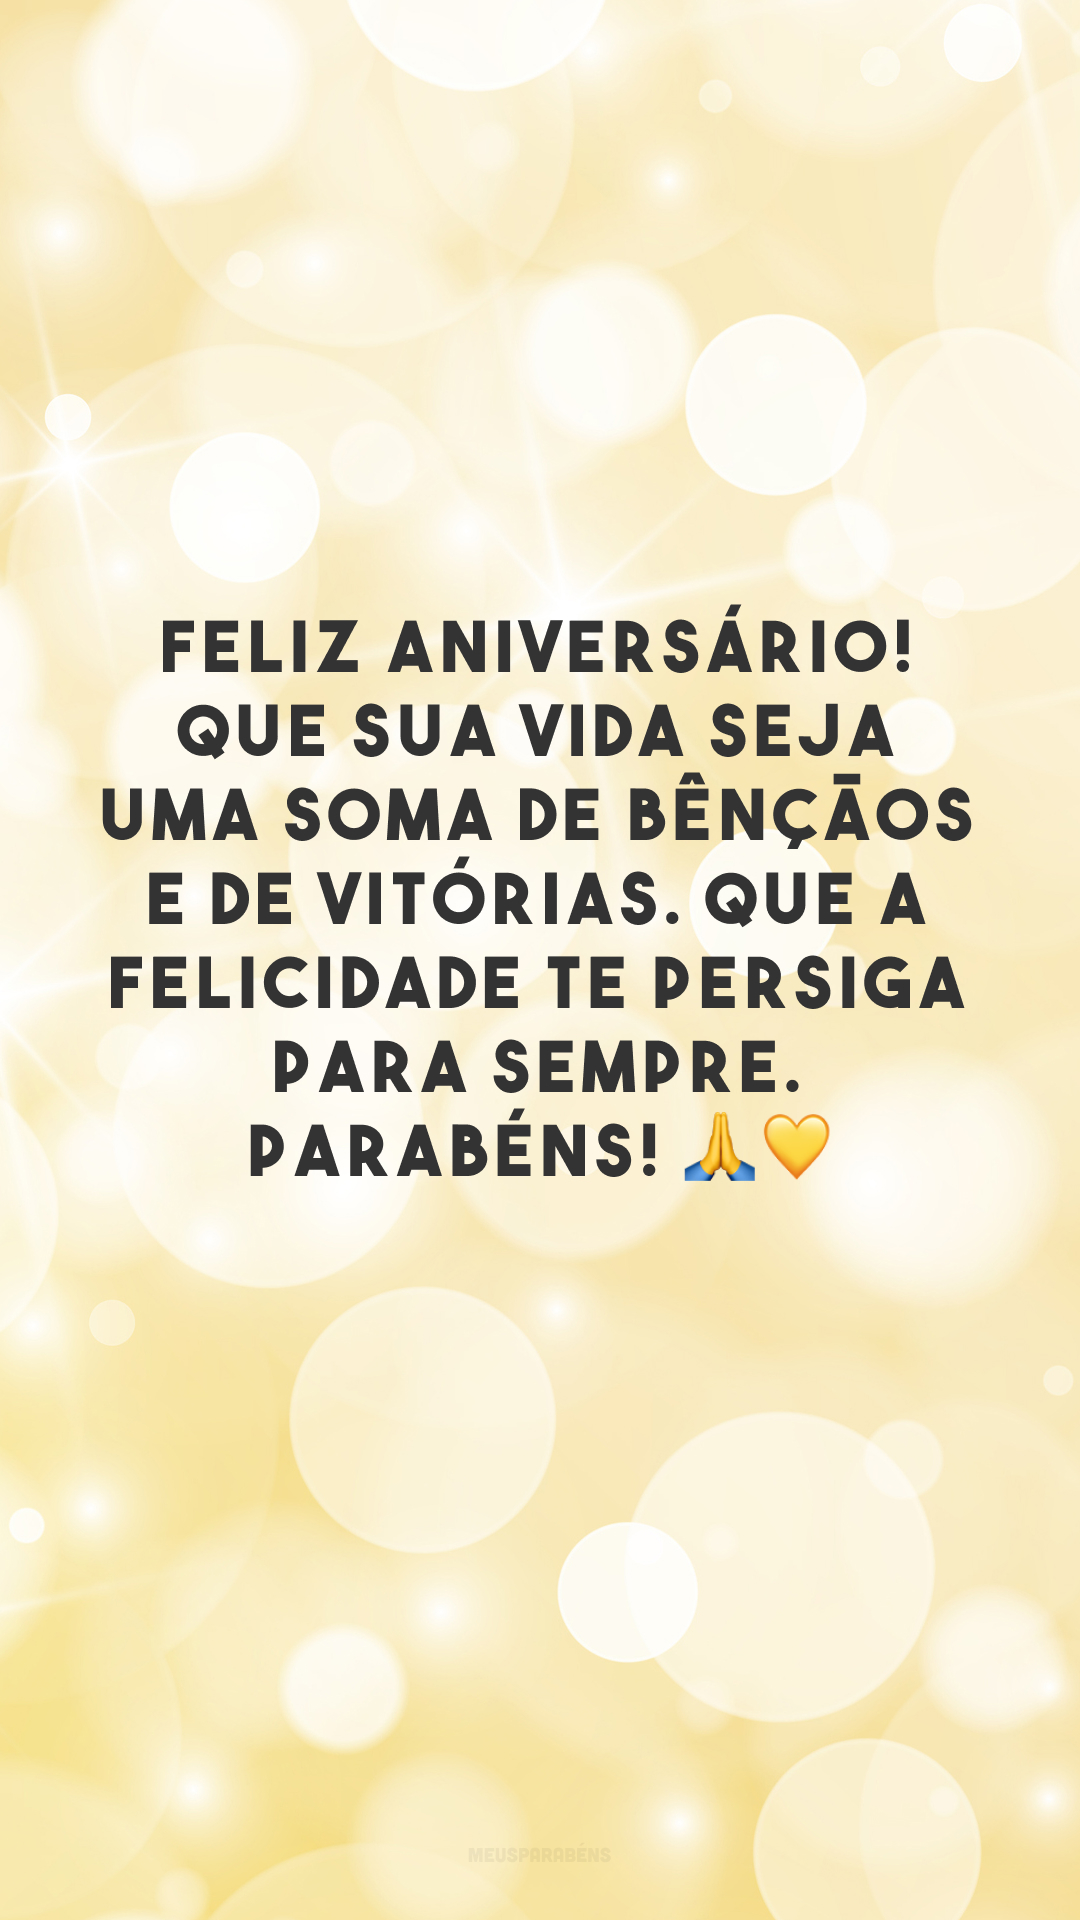 Feliz aniversário! Que sua vida seja uma soma de bênçãos e de vitórias. Que a felicidade te persiga para sempre. Parabéns! 🙏💛